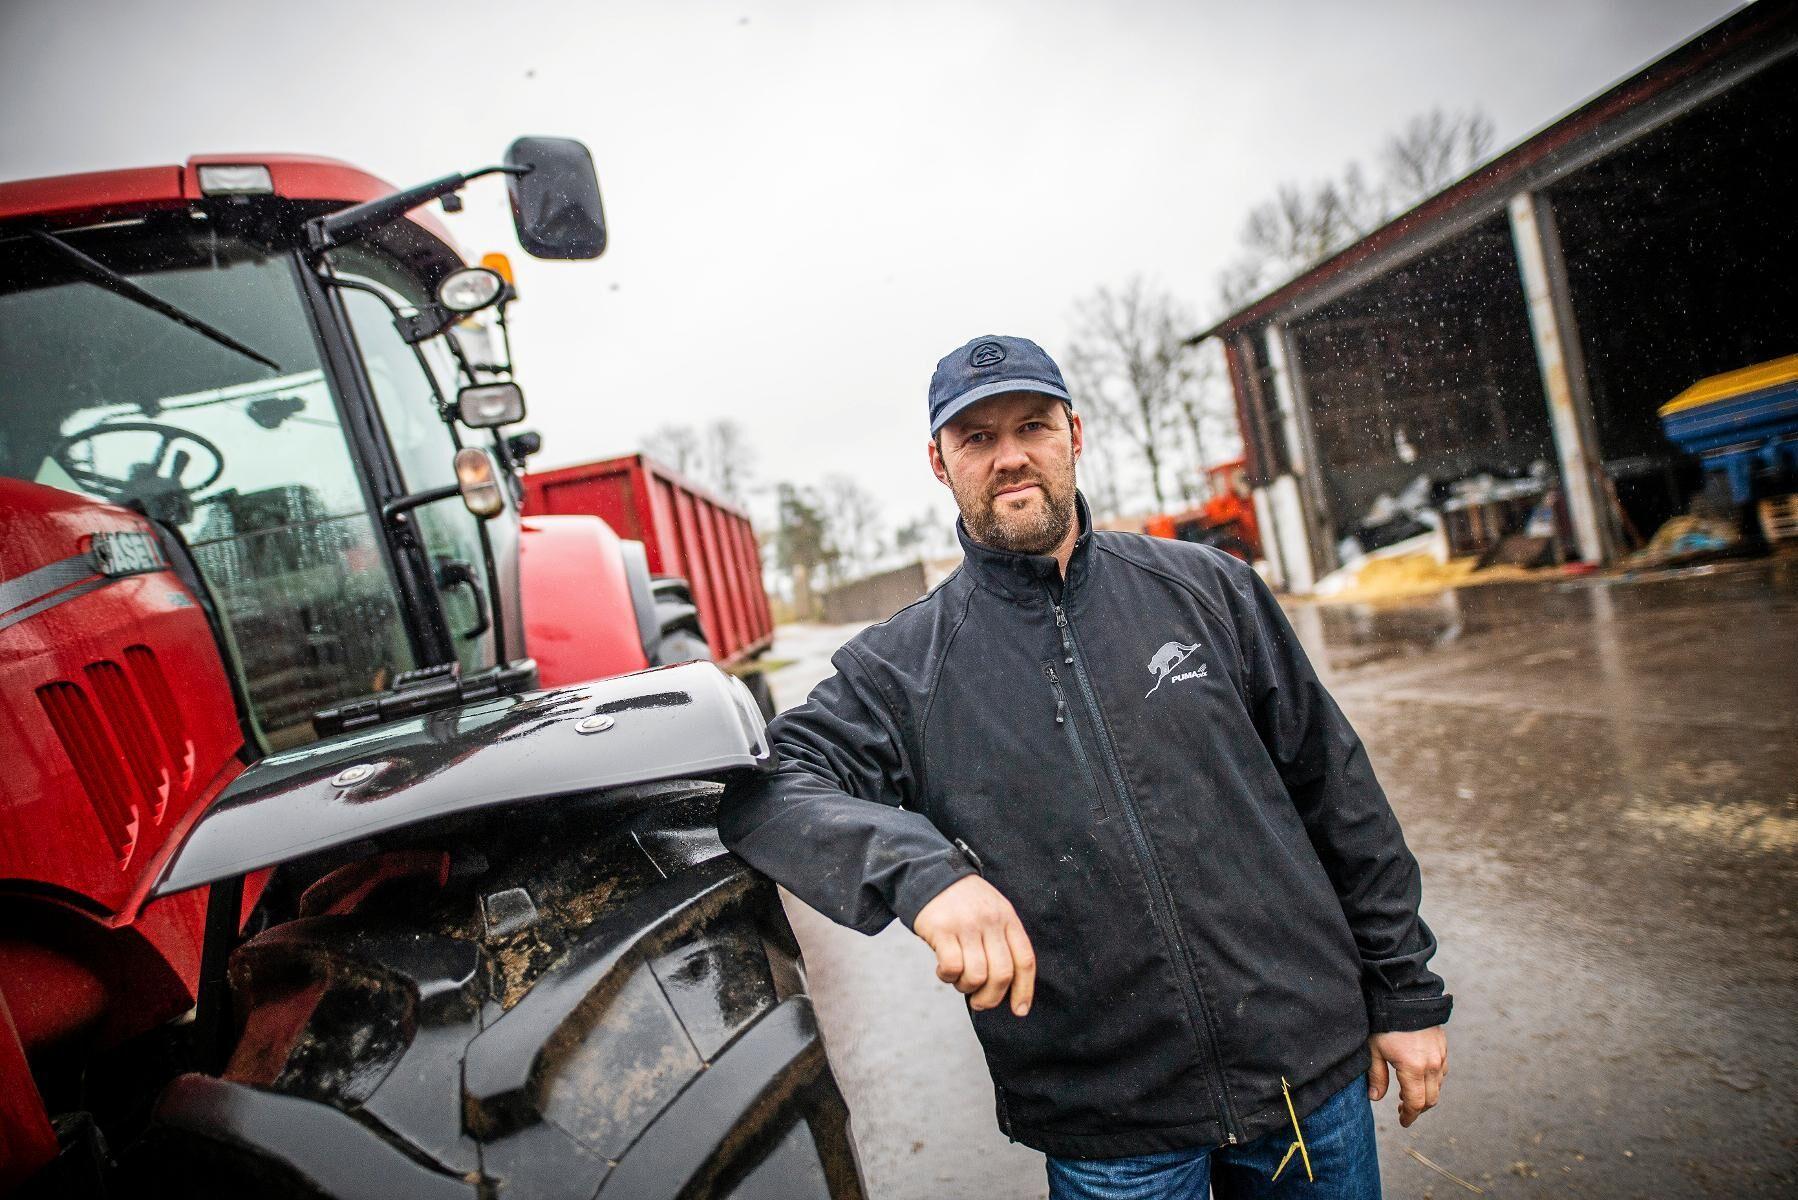 Ralf Johansson, mjölk- och kycklingproducent utanför Torsås är orolig för vad som ska hända när Telia lägger ned den fasta telefonlinjen som gör det möjligt att koppla upp sig på nätet med ett ADSL-modem.